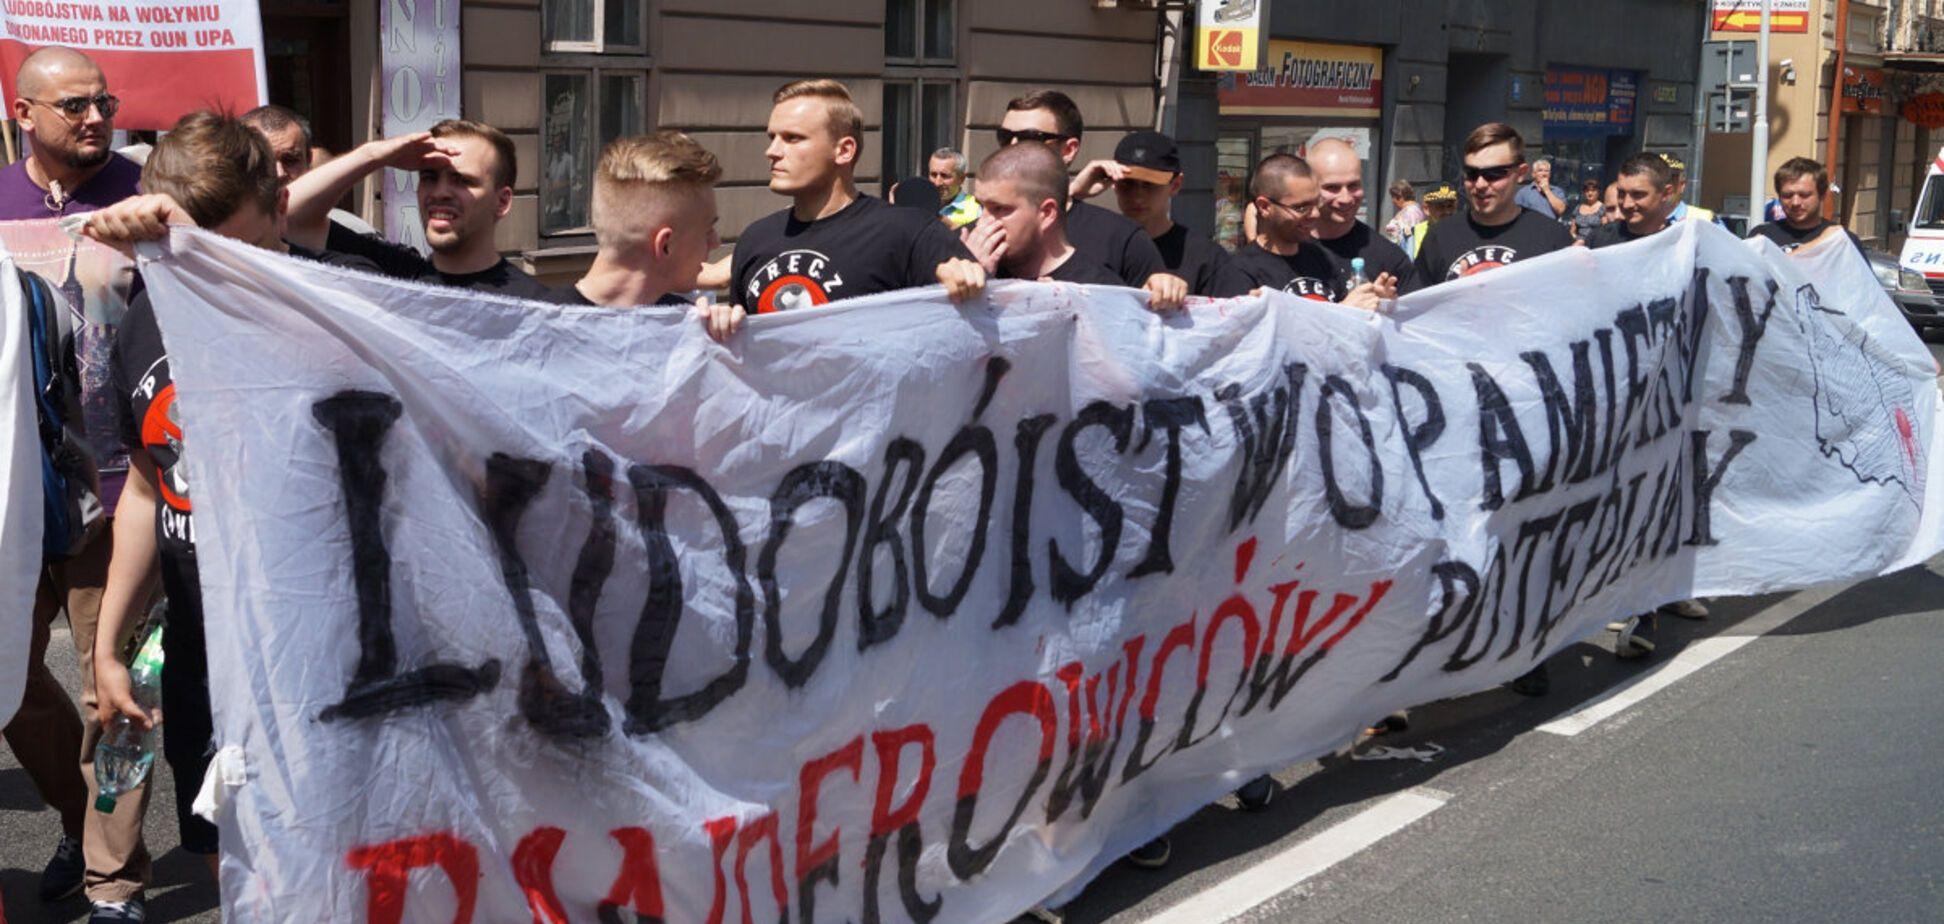 'Хитровимаханість вилізе боком': Україну попередили про небезпеку